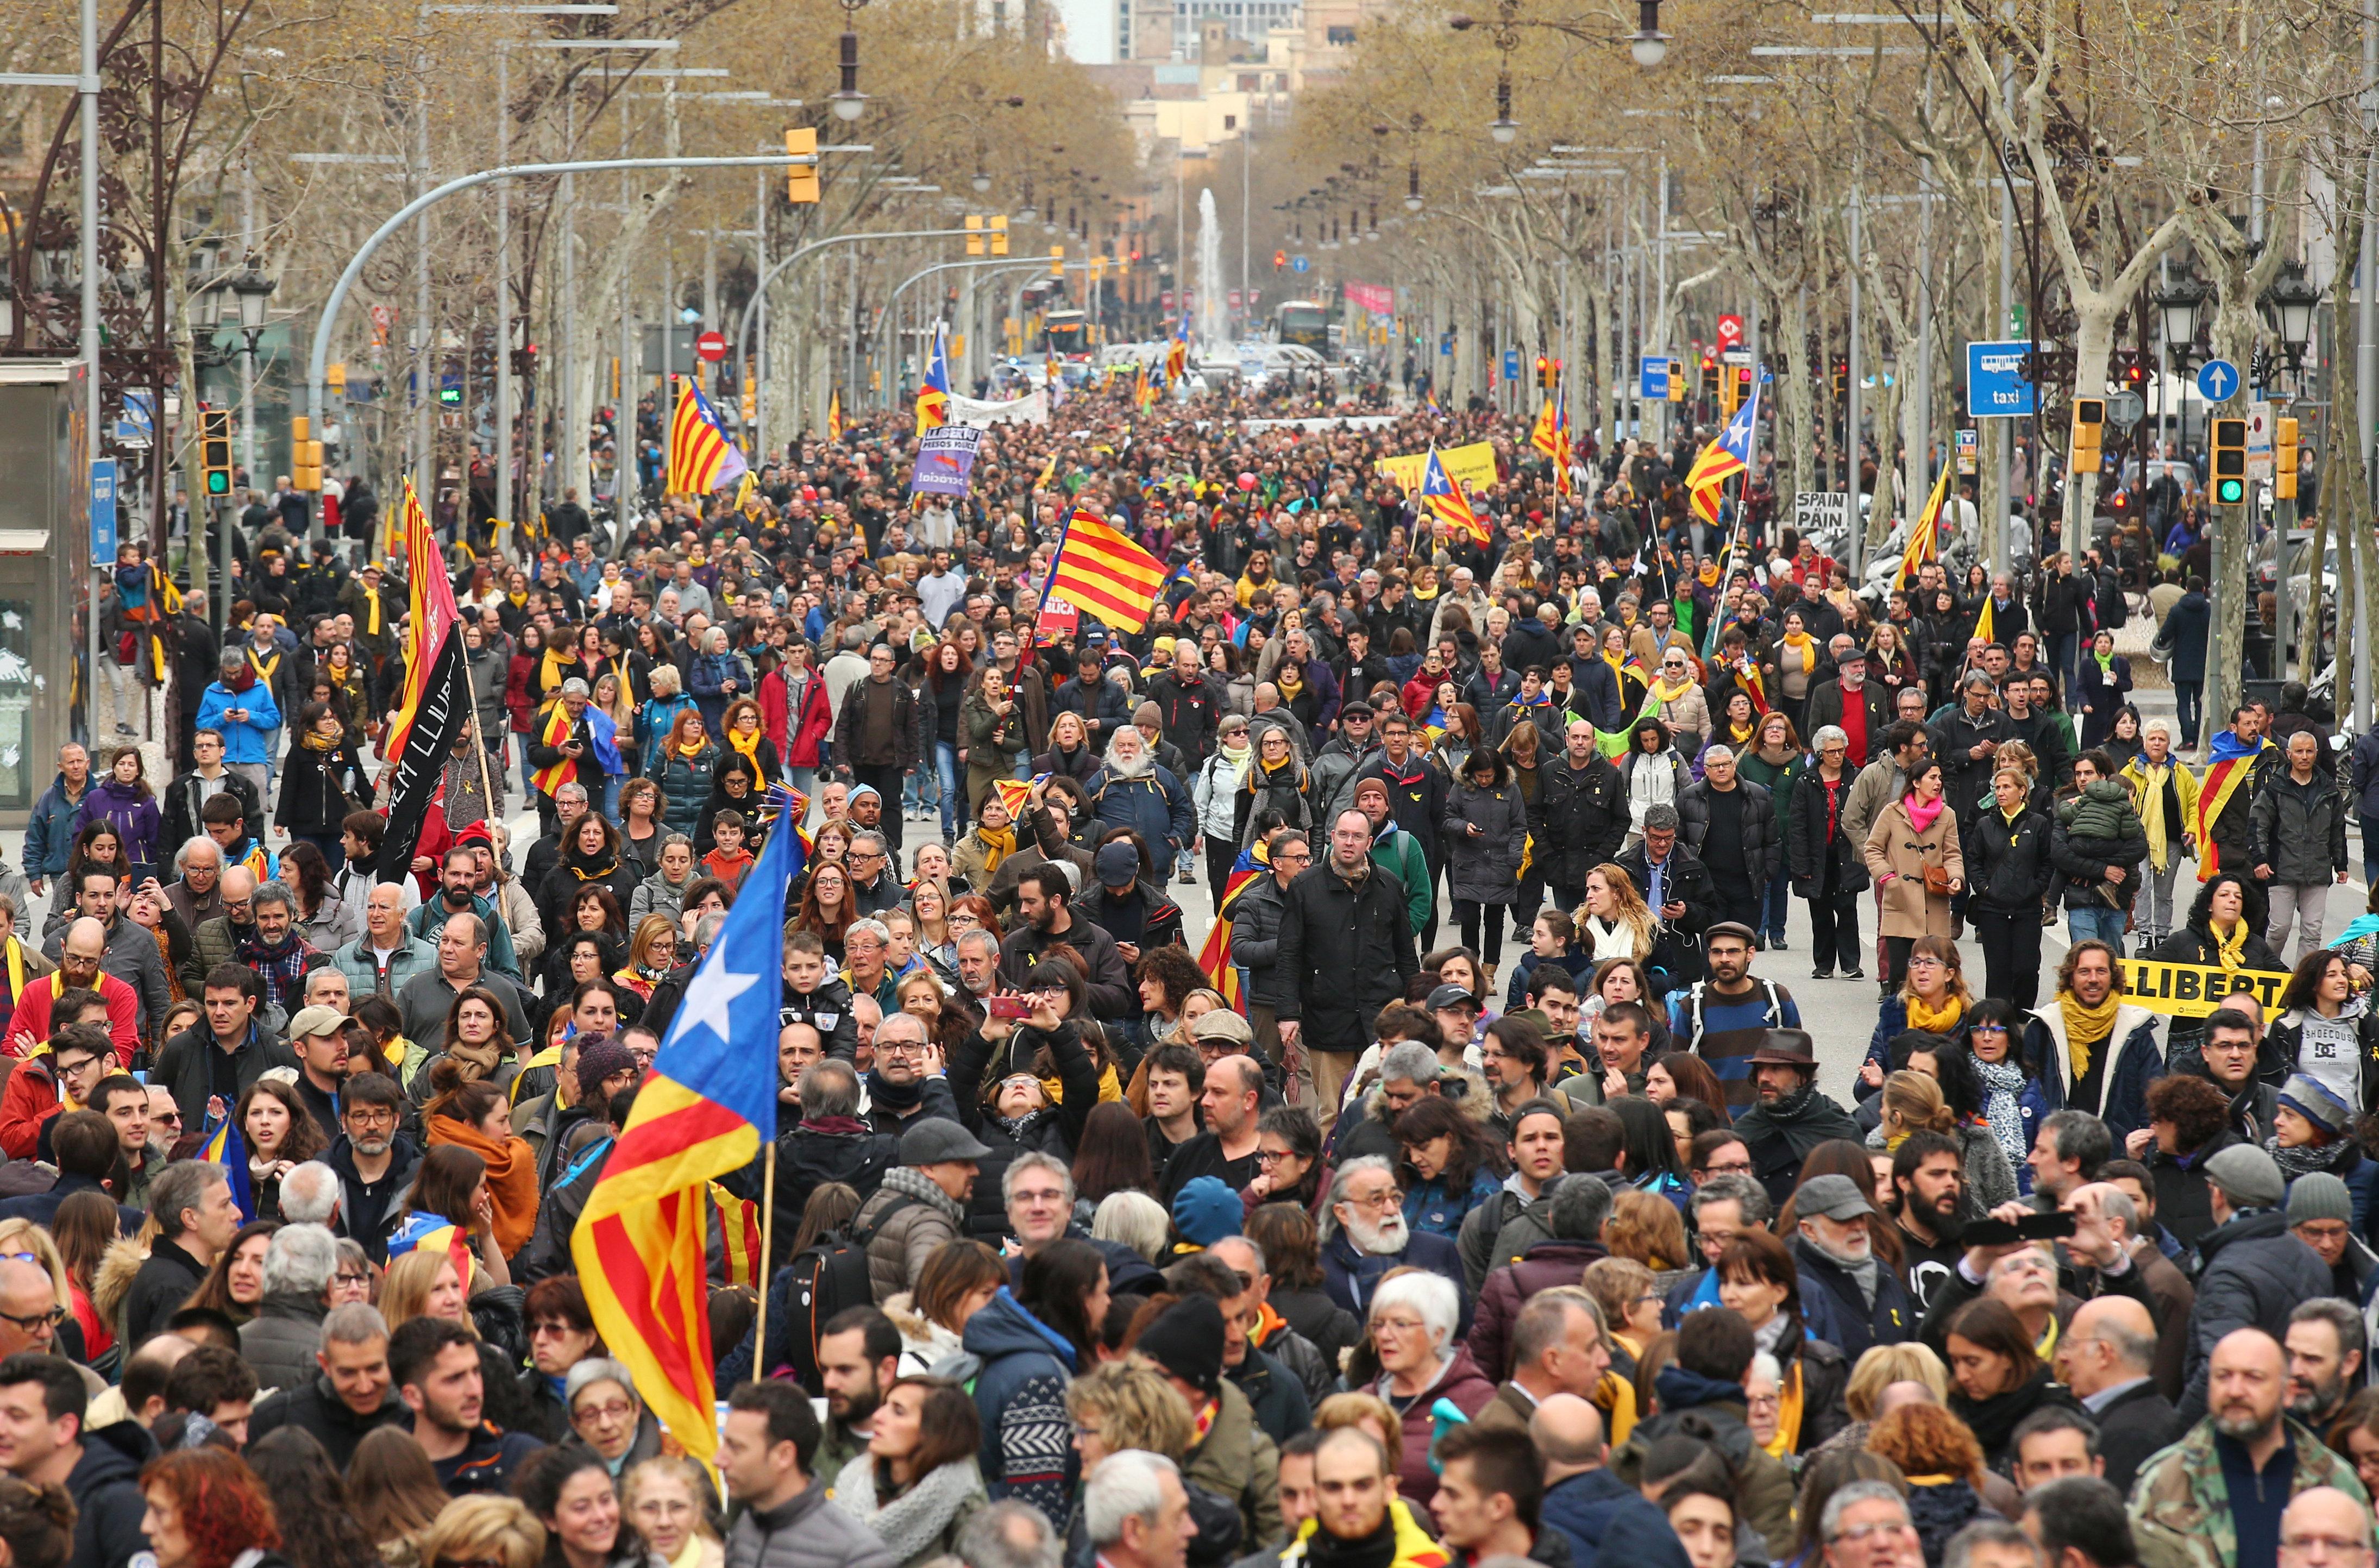 Ισπανία: Συγκρούσεις μεταξύ διαδηλωτών και αστυνομικών στη